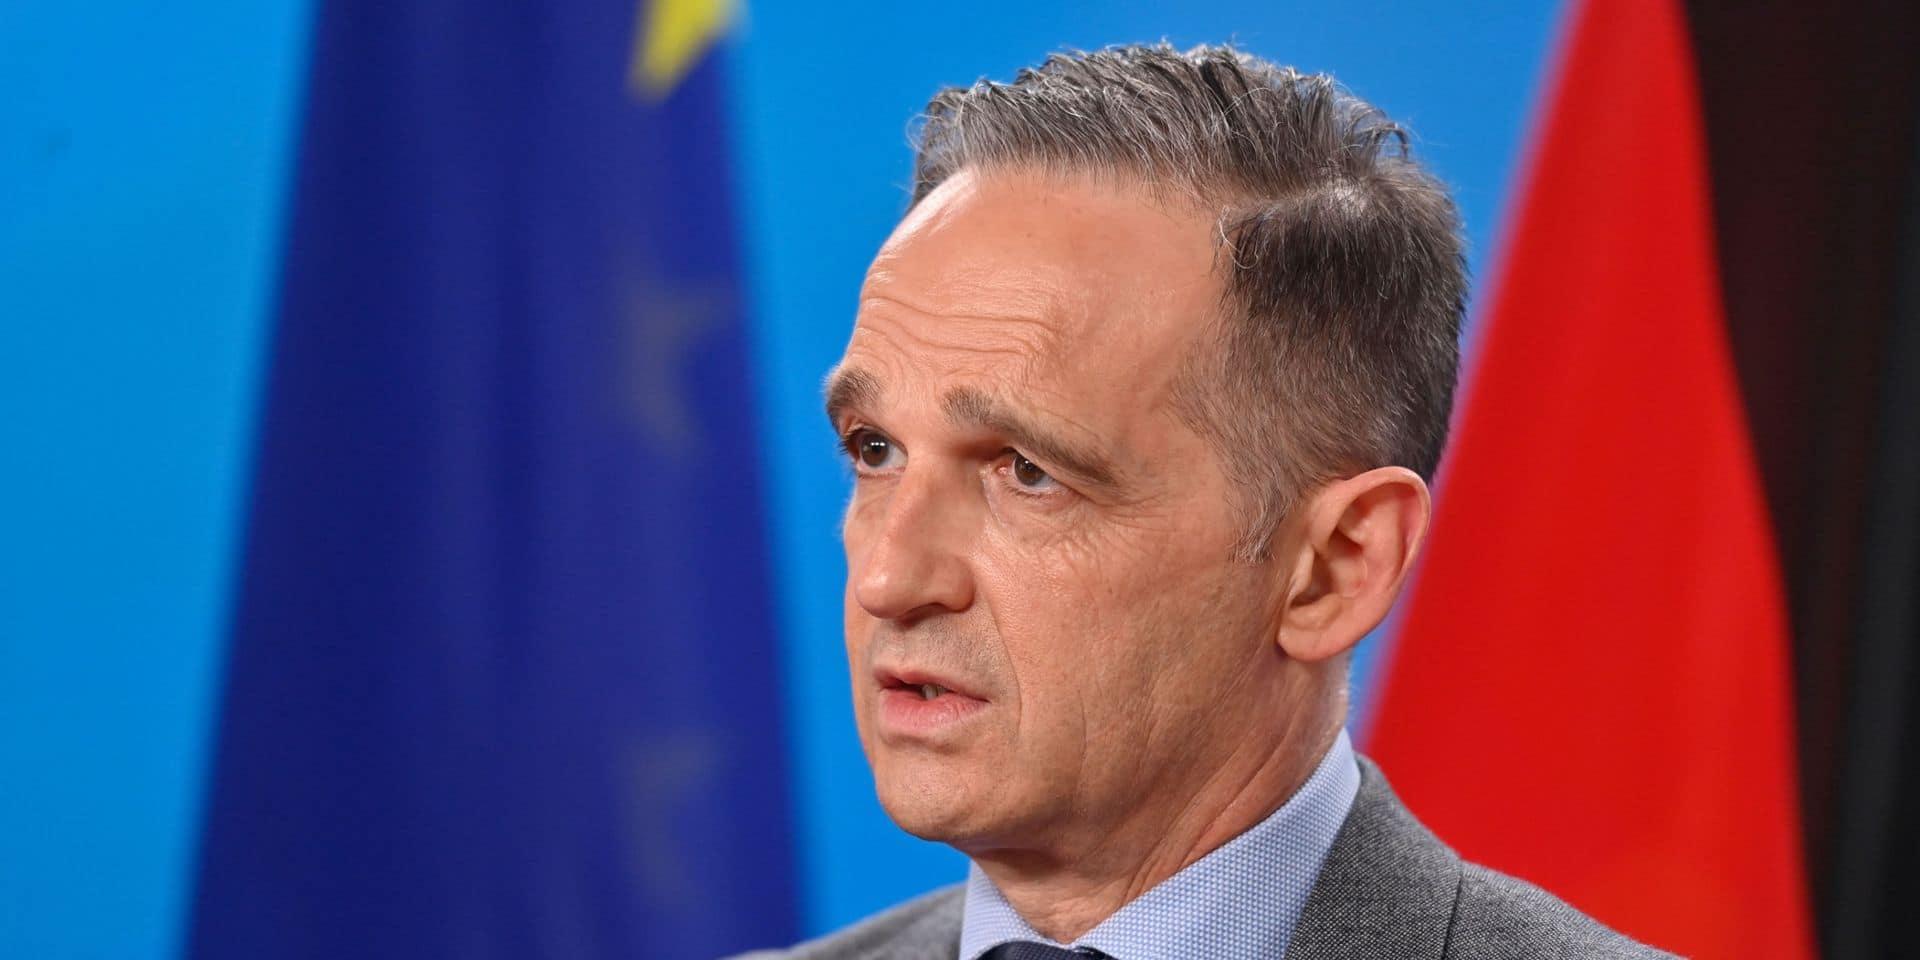 """L'Allemagne exprime sa """"solidarité"""" avec Israël, appelle à un cessez-le feu urgent"""